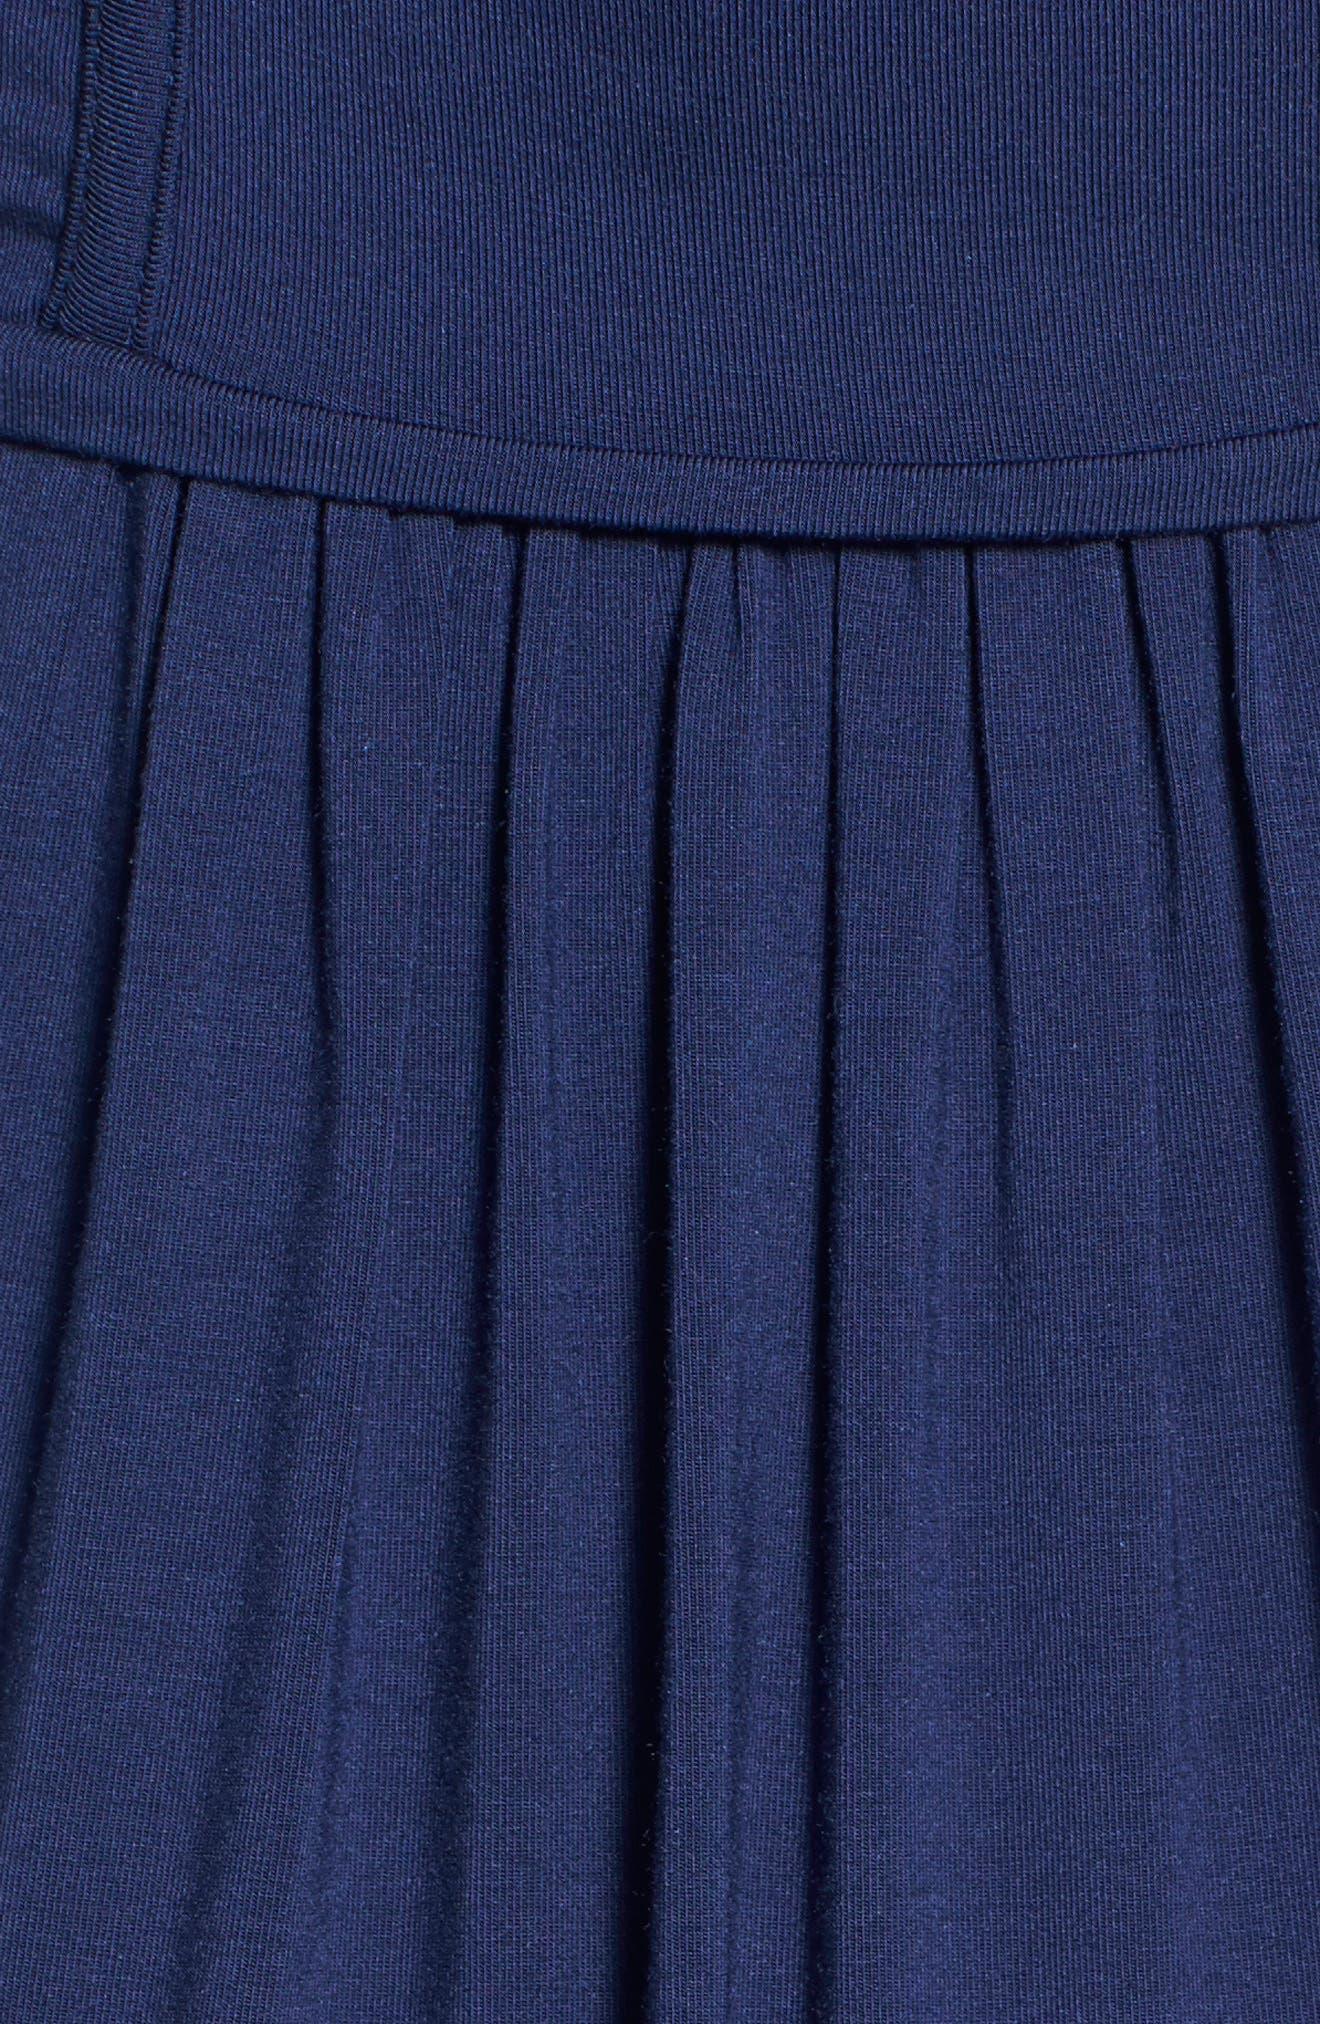 TART MATERNITY, 'Mathilde' Elbow Sleeve Maternity Dress, Alternate thumbnail 5, color, PEACOAT